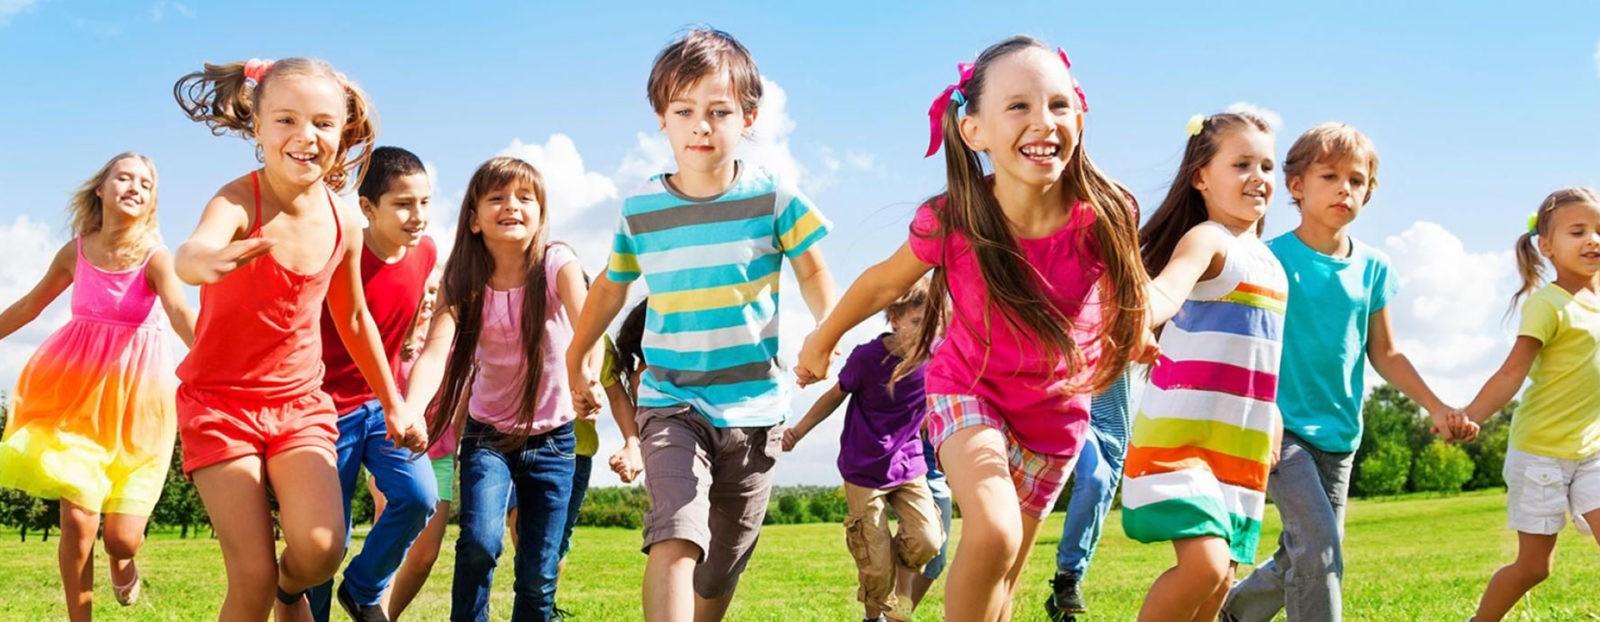 stadtfuehrung wernigerode die kinder und schuelerfuehrung